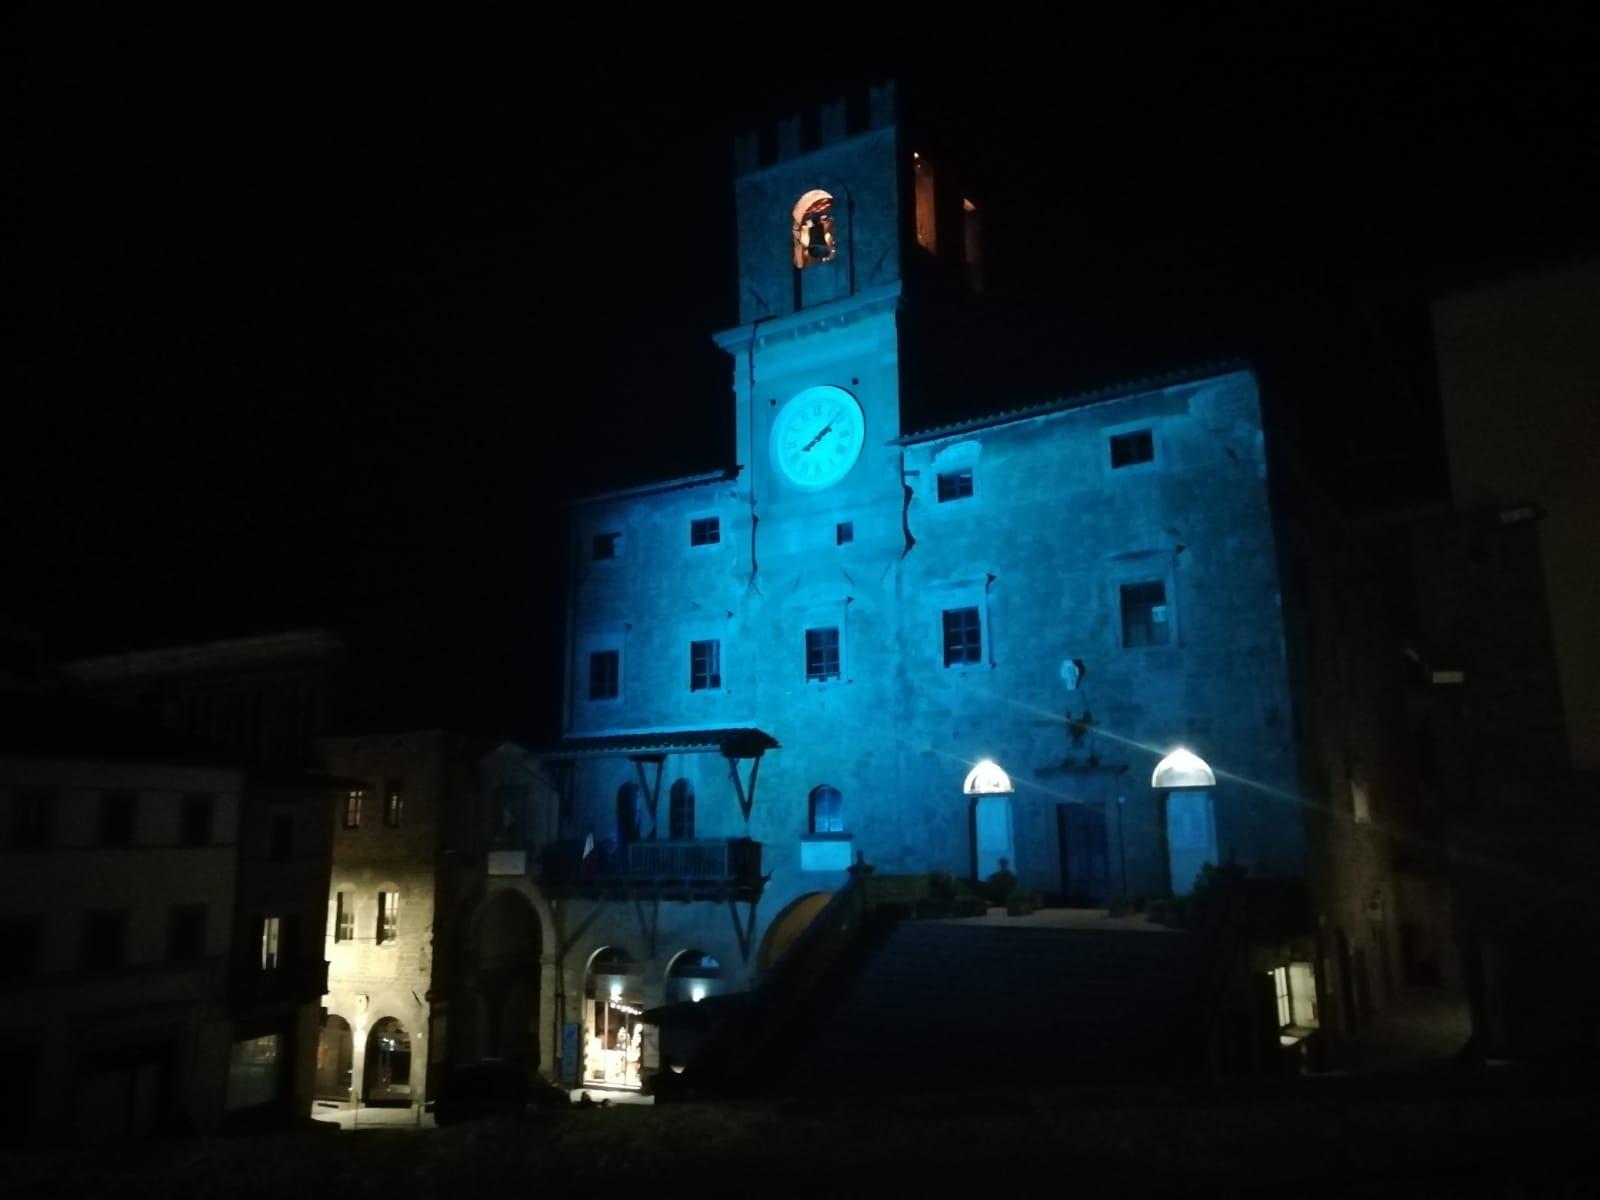 Giornata Mondiale per la prevenzione del diabete: anche il Comune di Cortona è illuminato di blu